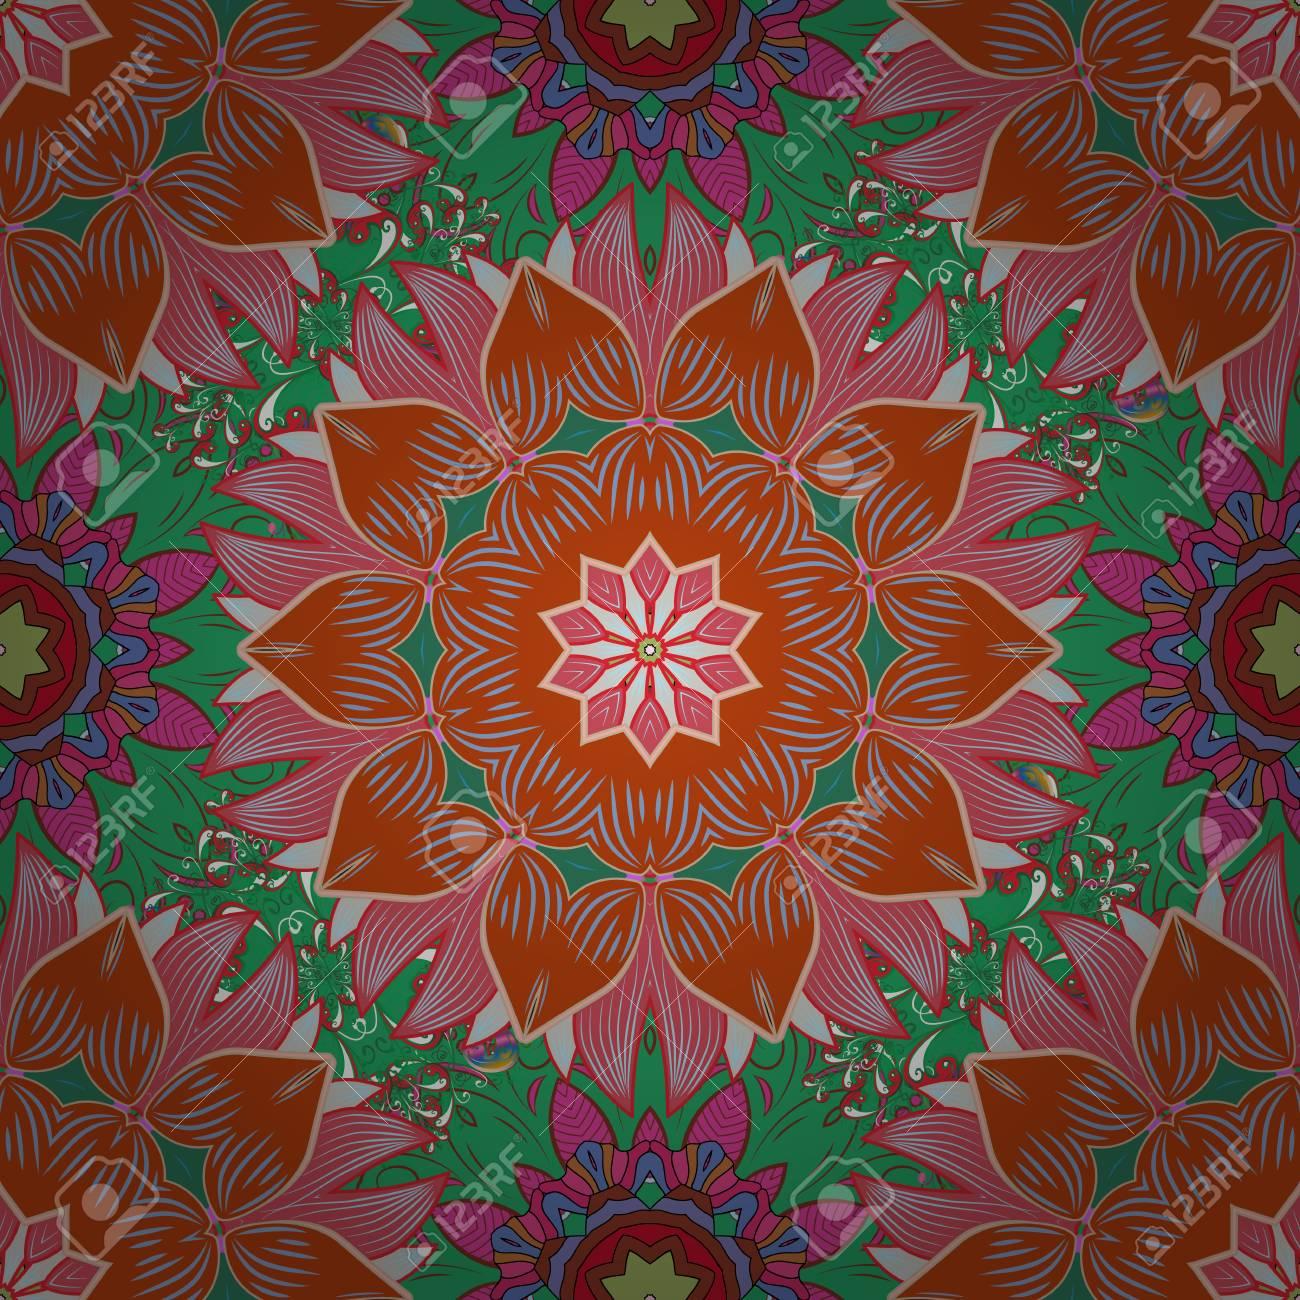 Patrón Floral Para Invitaciones De Boda Tarjetas De Felicitación Impresión Papel De Regalo Fabricación Editable Elegante Diseño Inconsútil Con